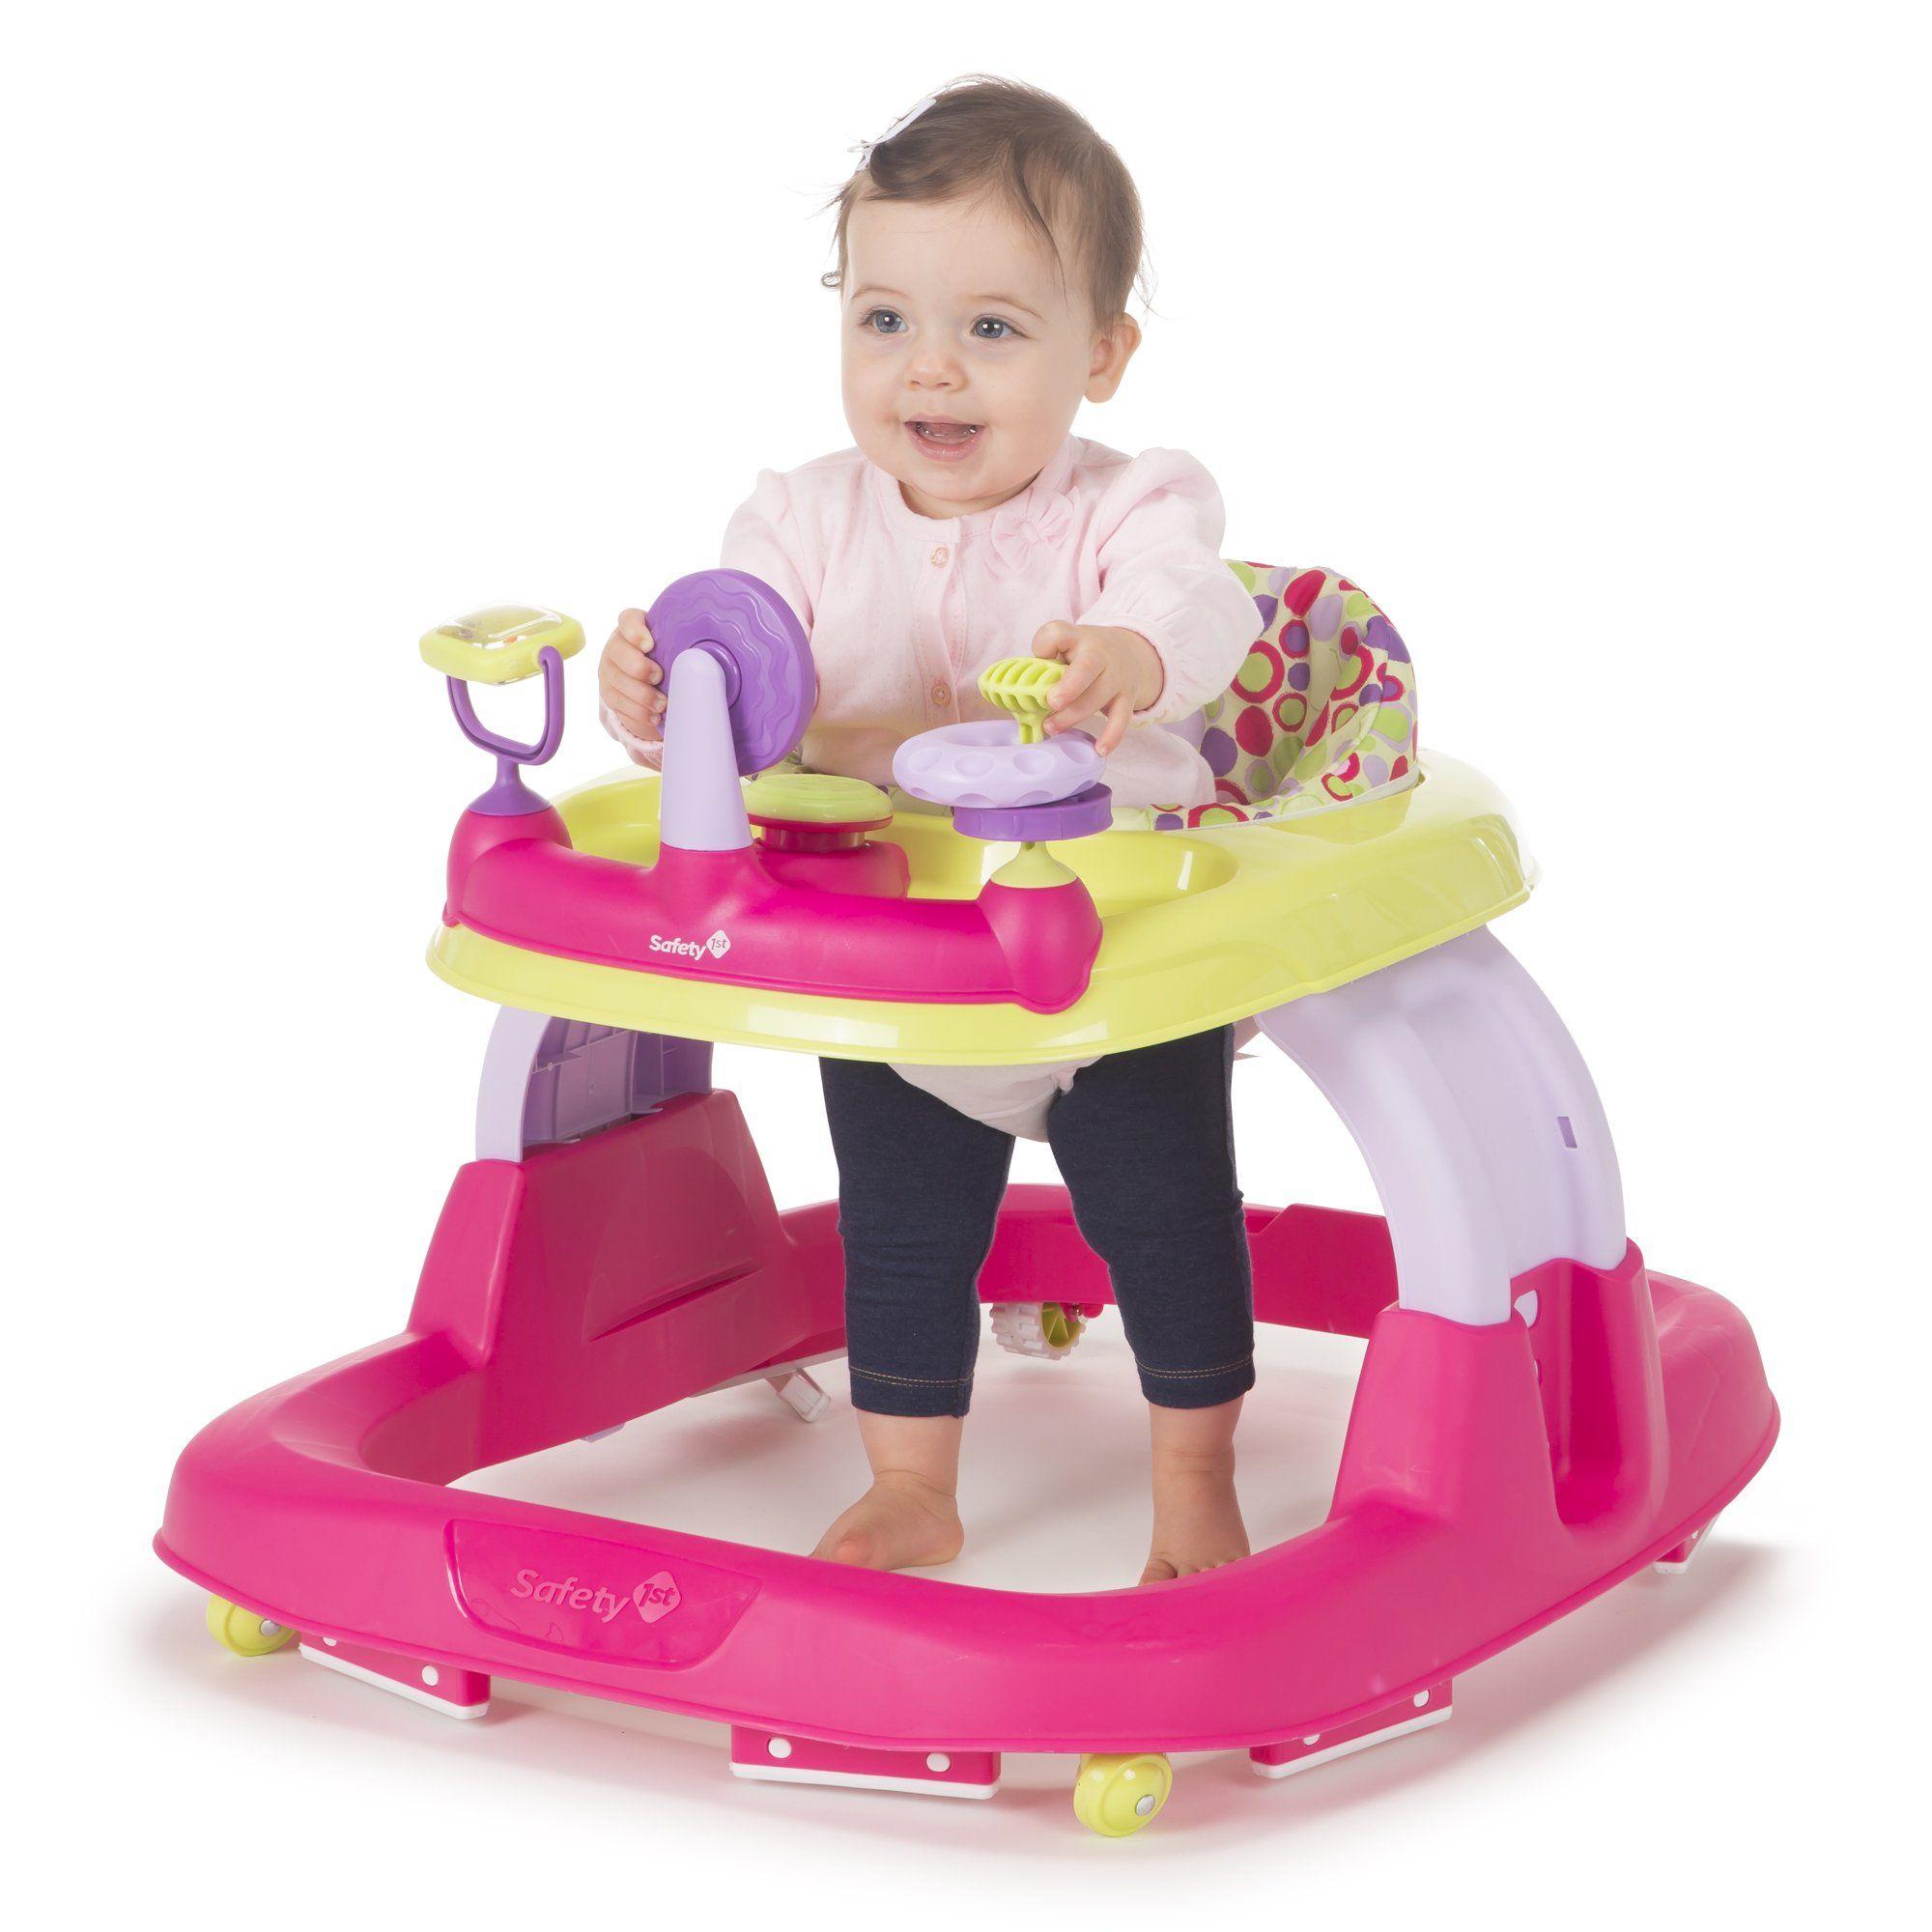 Safety 1st Ready, Set, Walk! Developmental Walker, Dottie